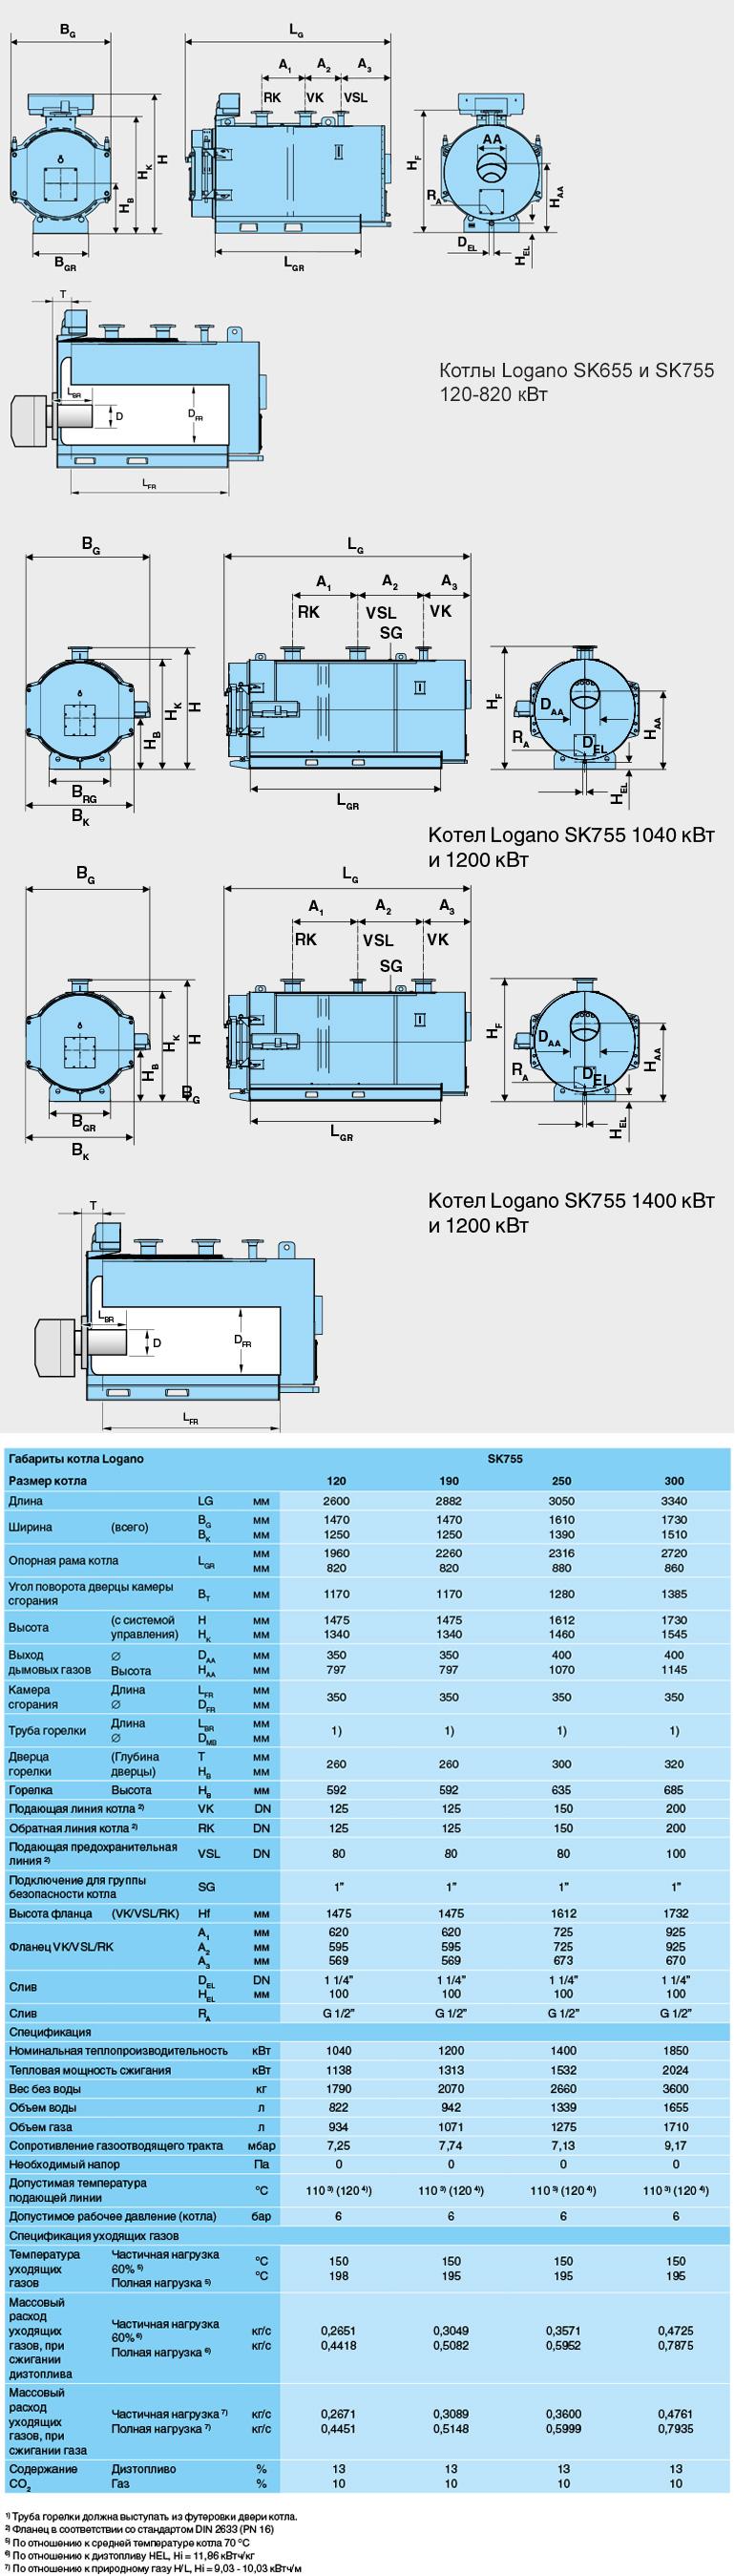 Радиаторы отопления buderus (35 фото): стальные панельные устройства, технические характеристики моделей